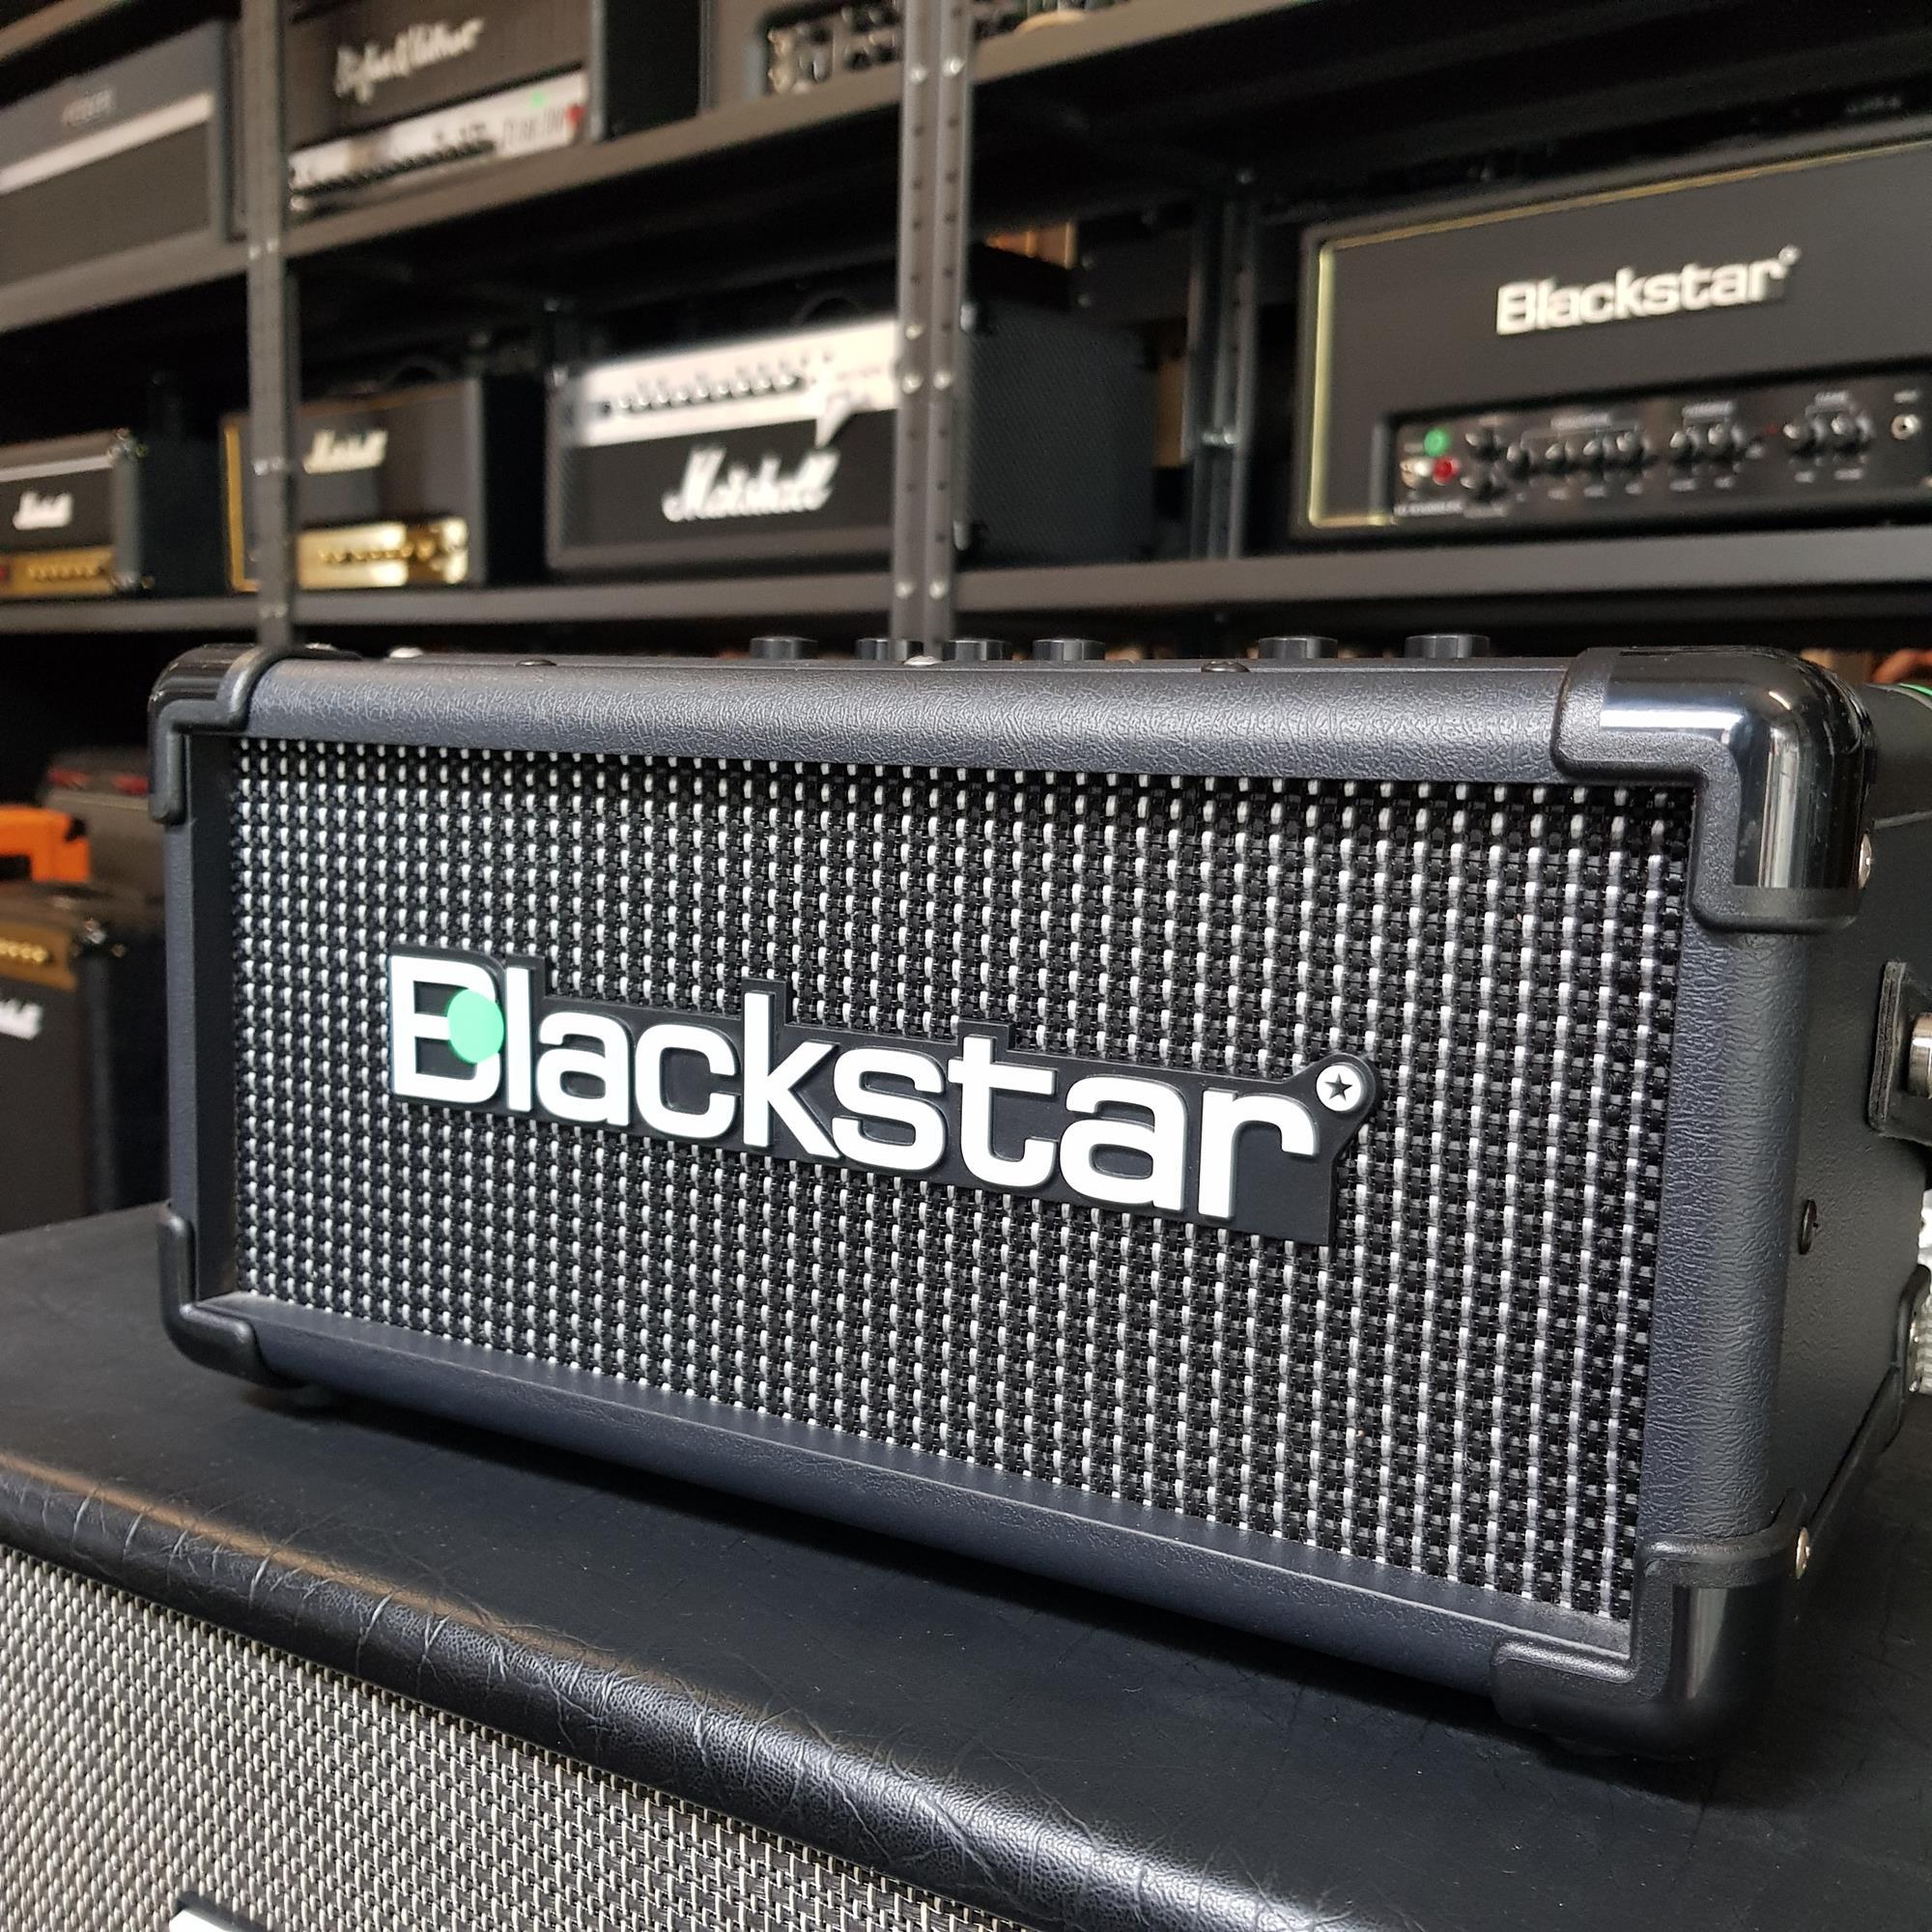 BLACKSTAR-ID-CORE-40-H-sku-1613822923657